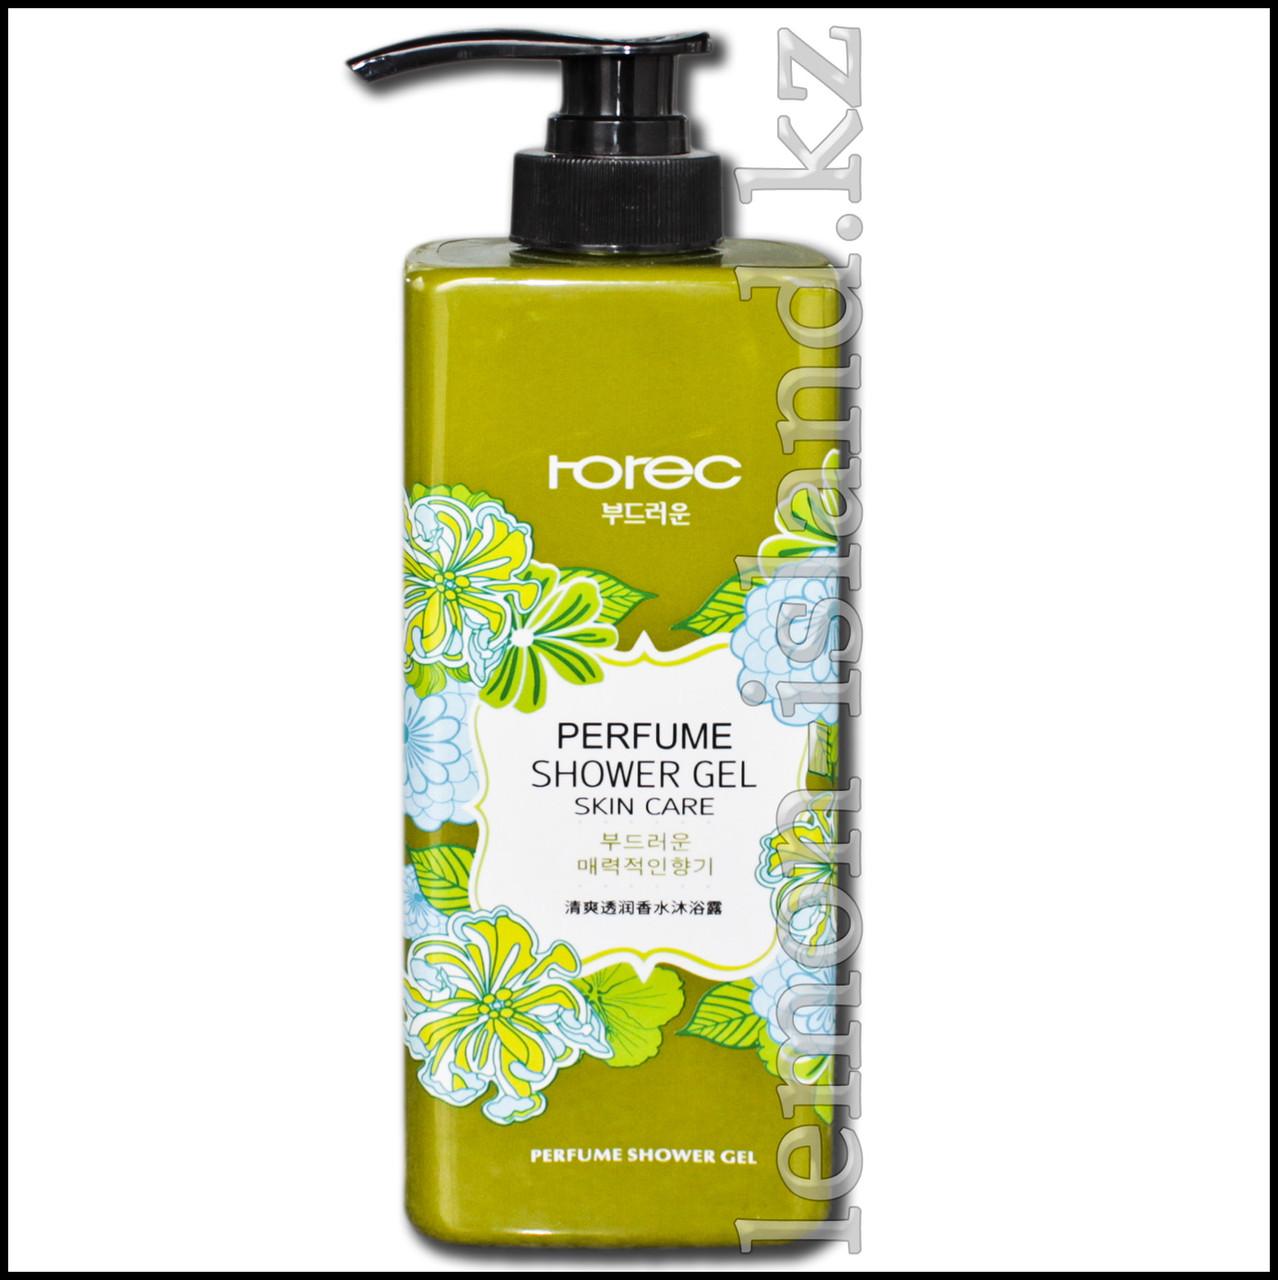 Парфюмированный гель для душа/пена для ванны Rorec экстрактами гвоздичного дерева и тимьяна.